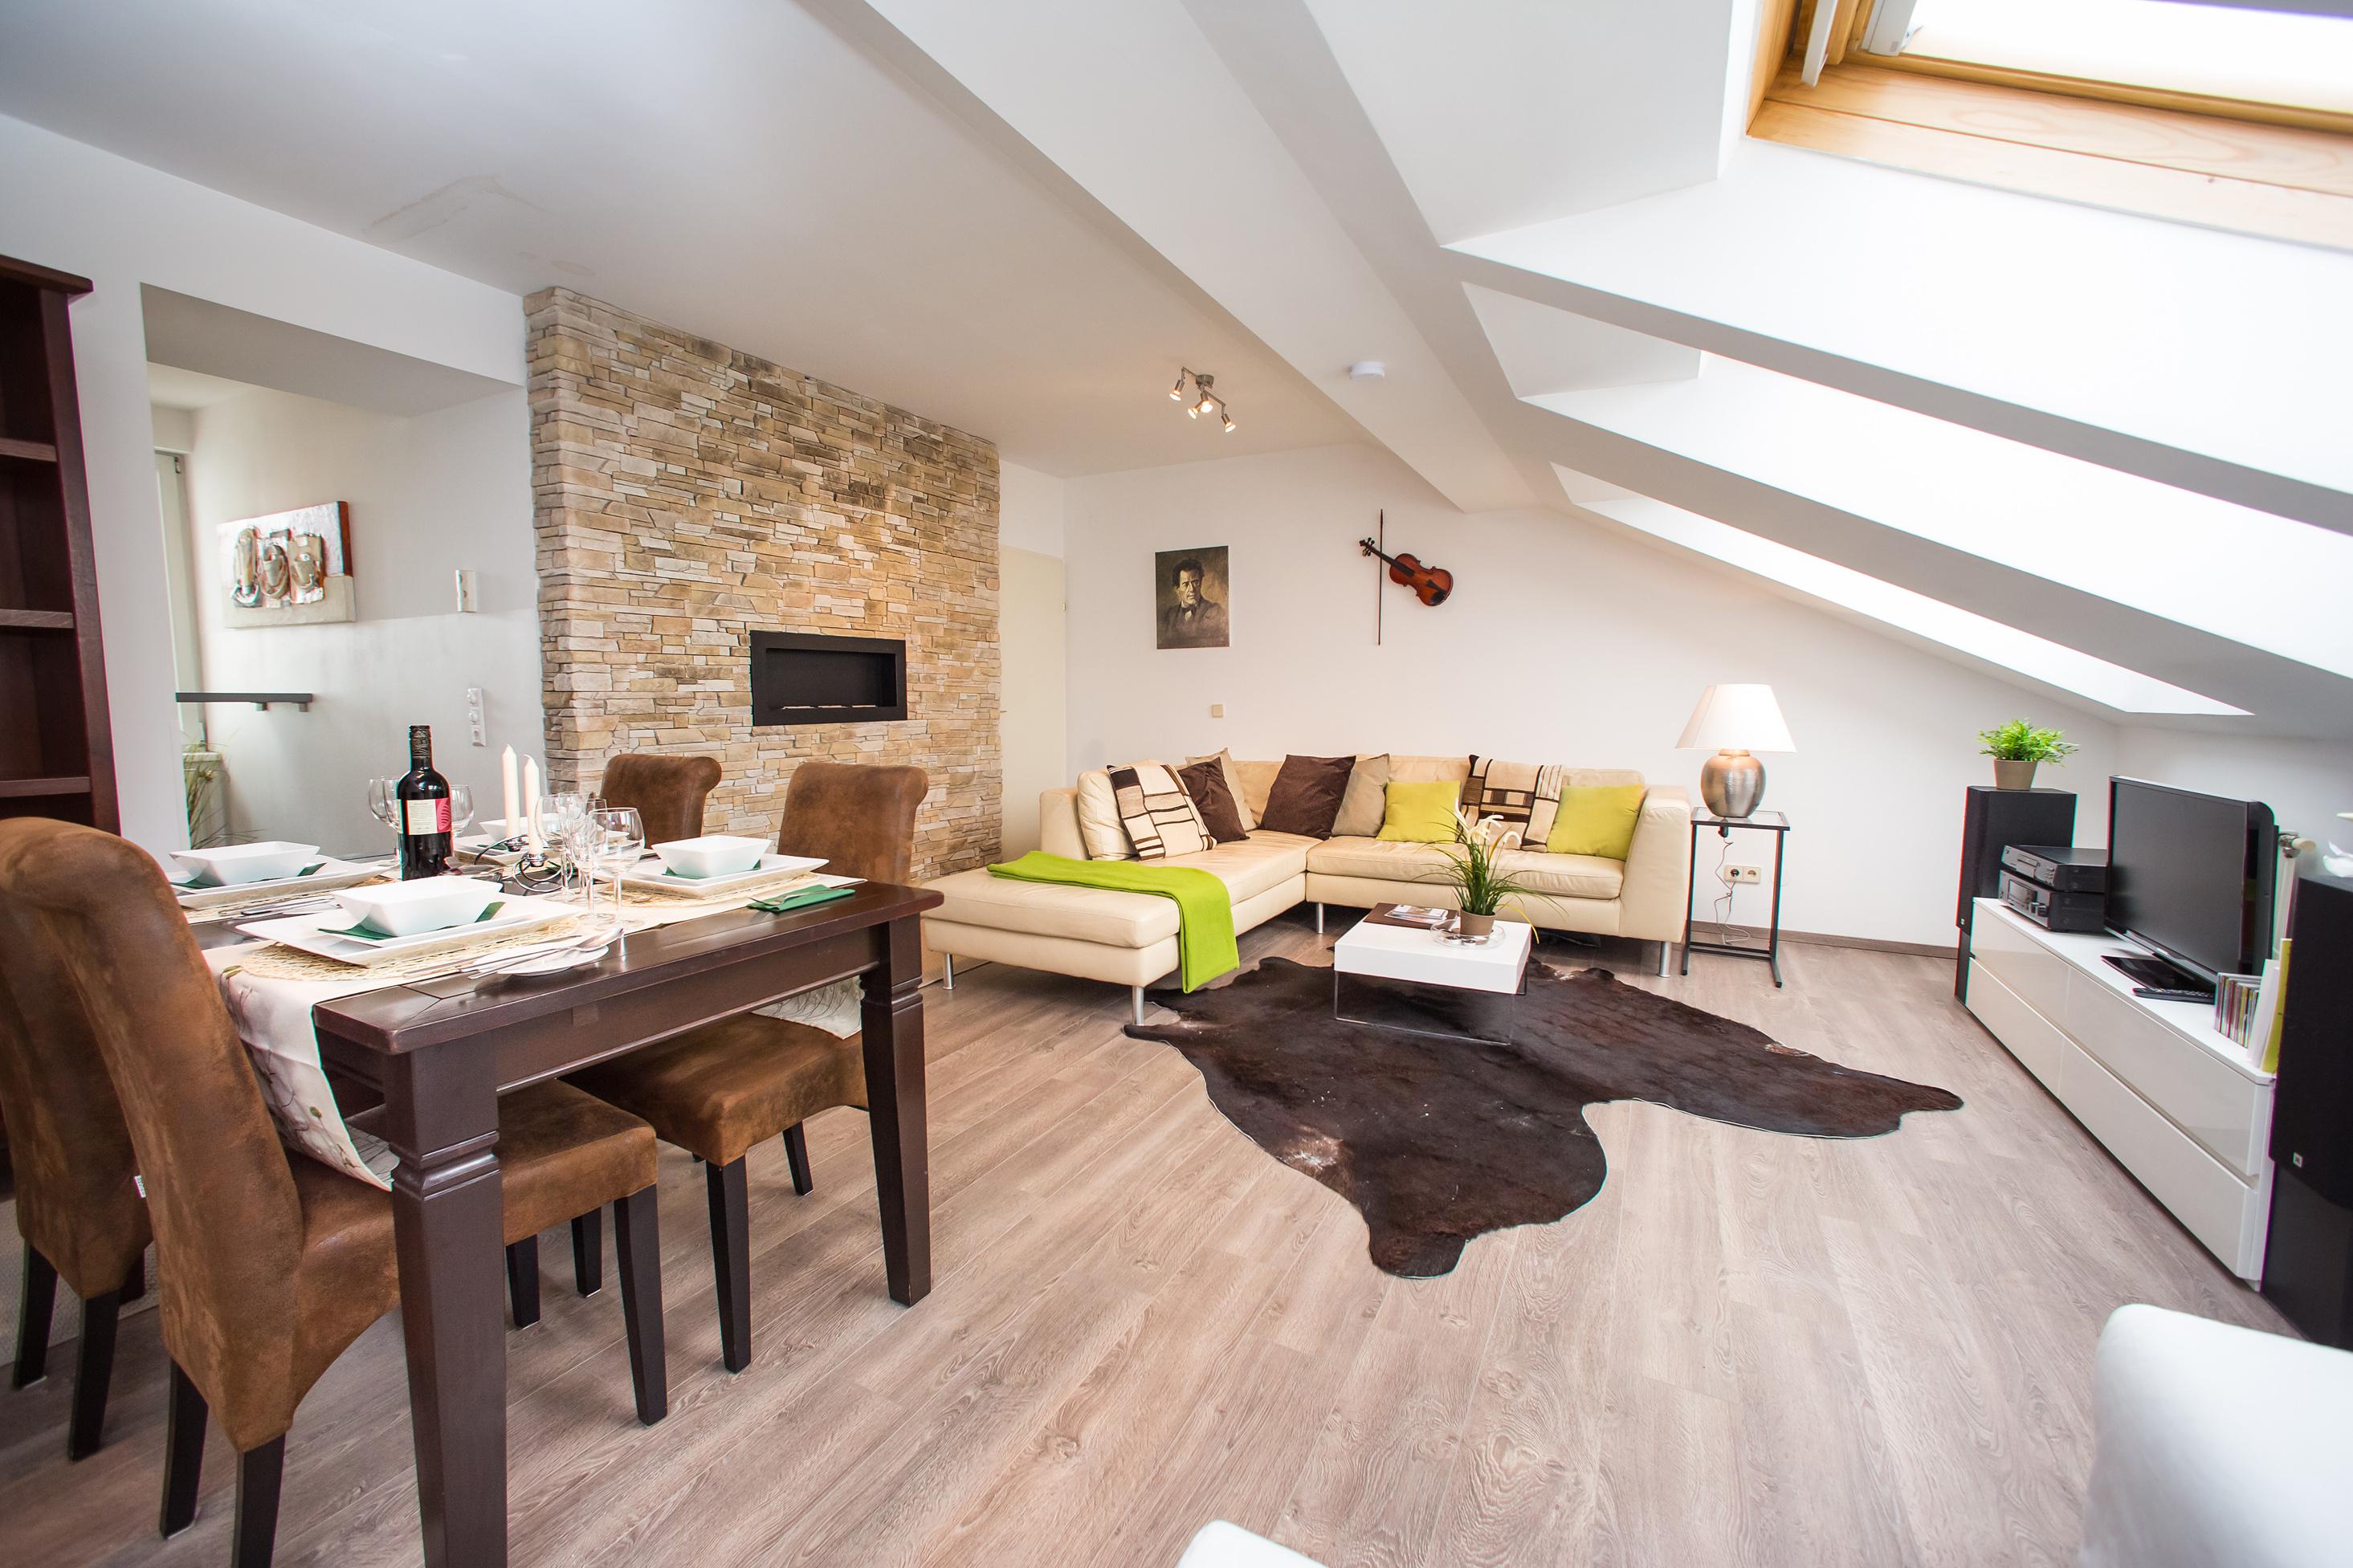 new roof-terrace design apartment vienna - detail - wohnungen, Wohnideen design